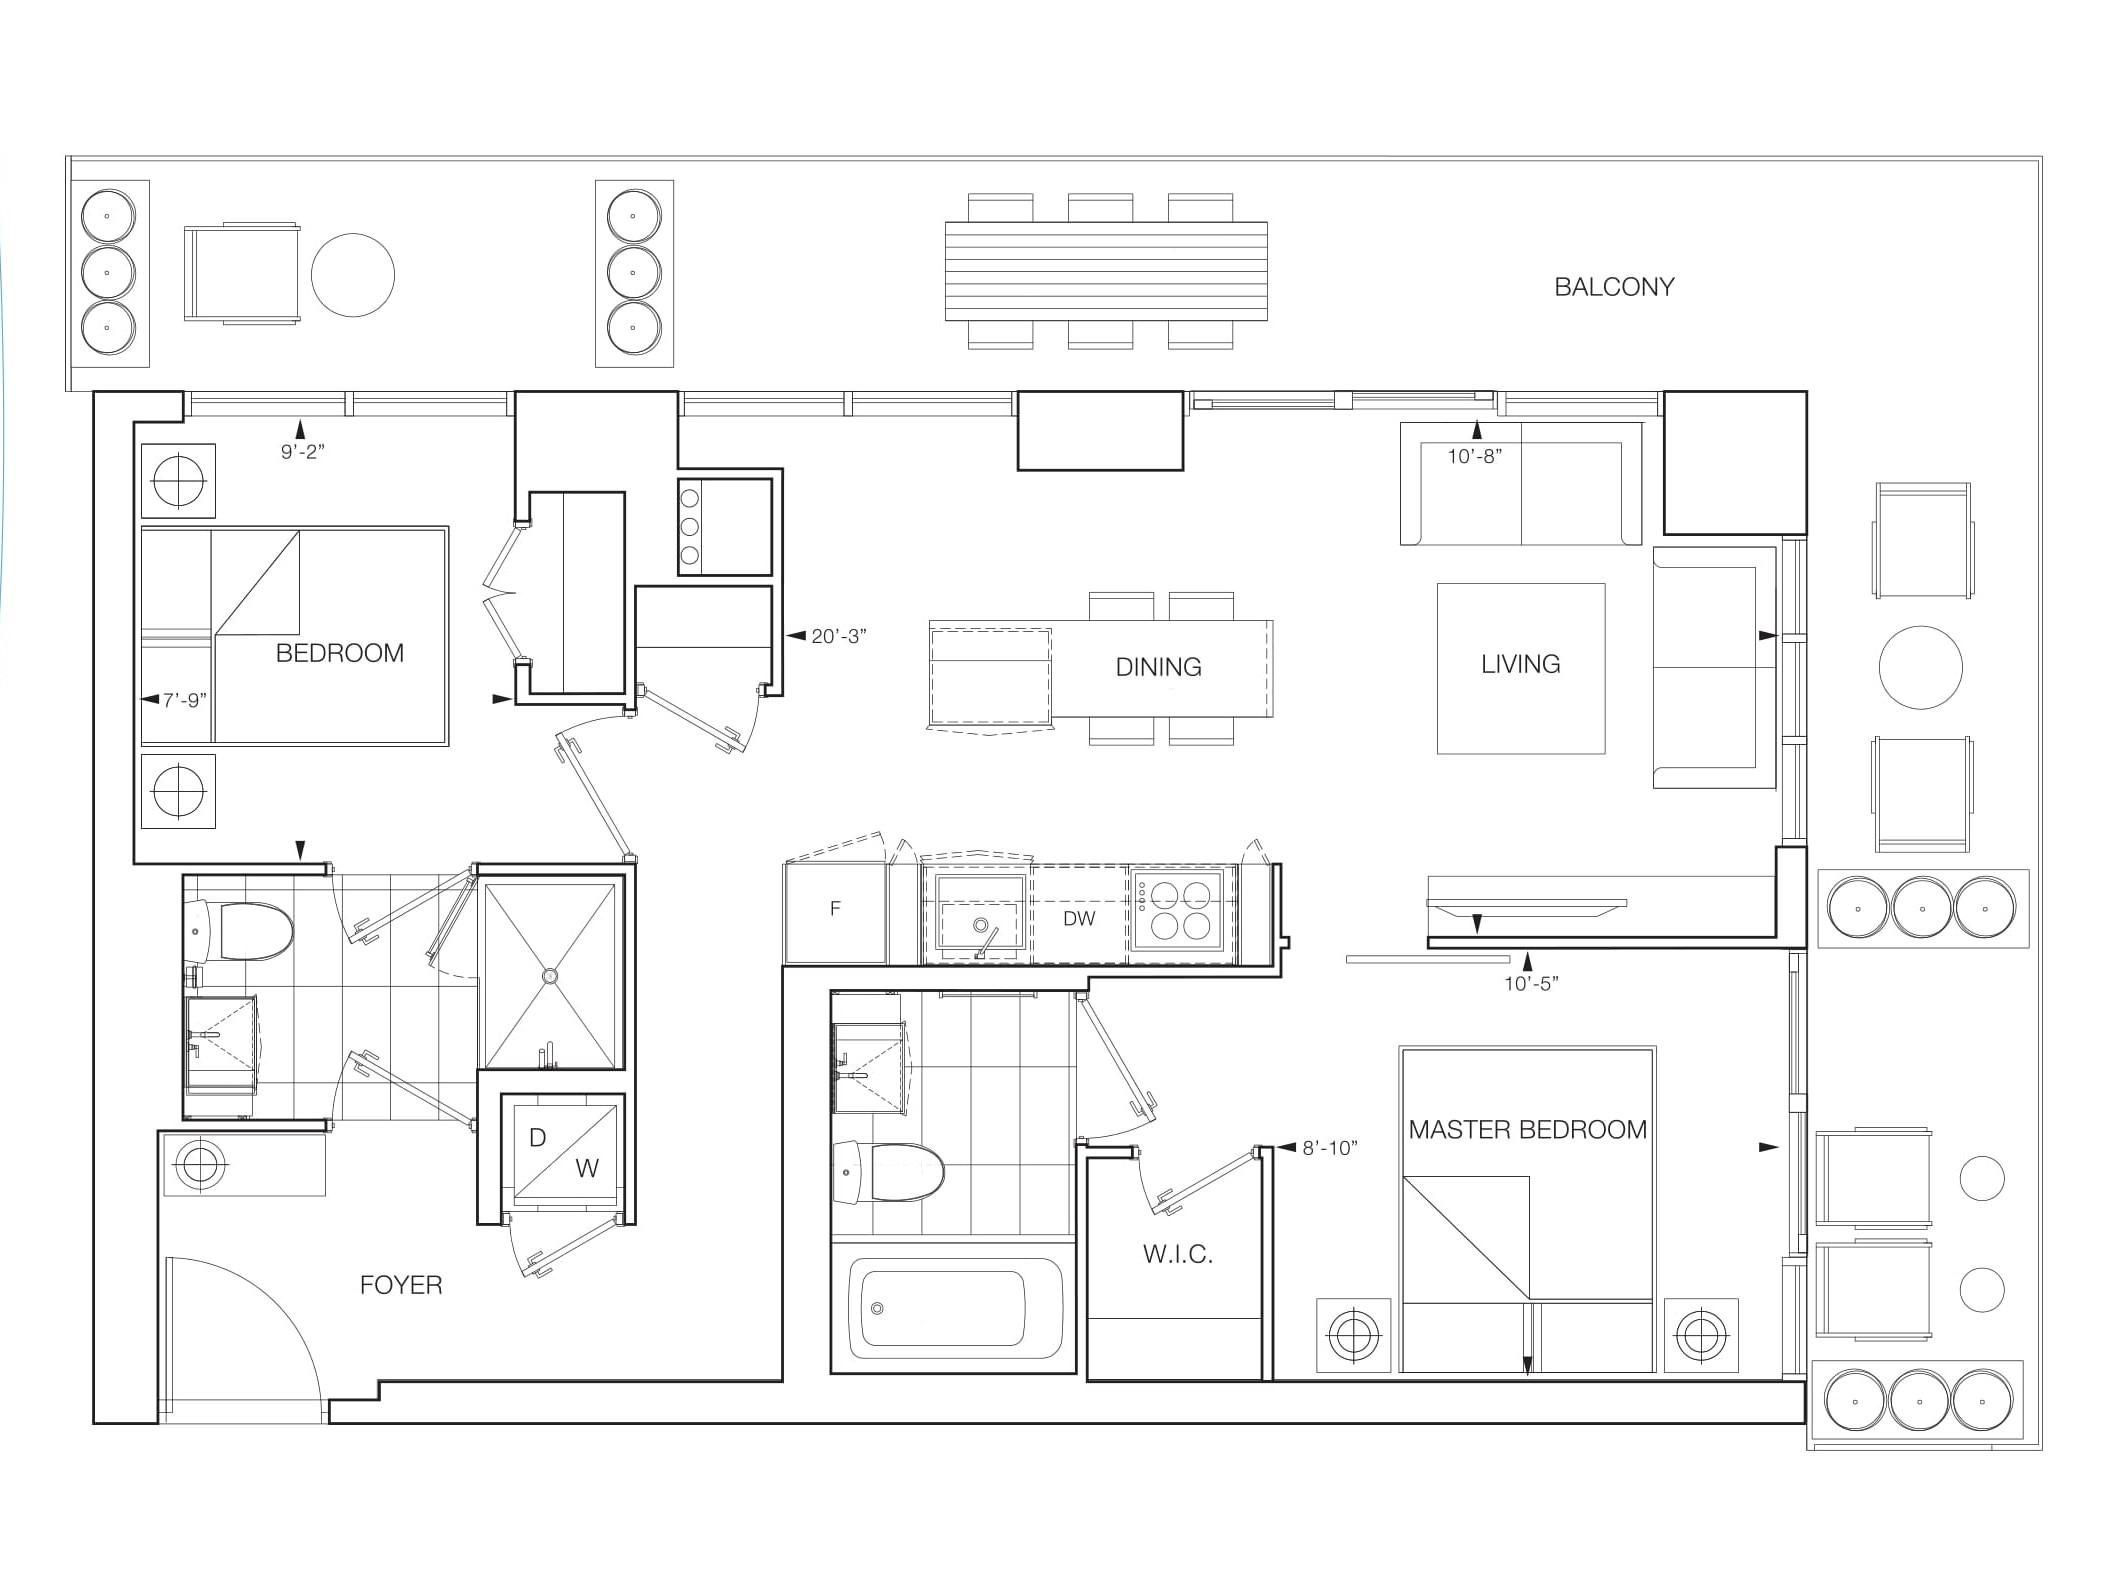 Kona Floorplans